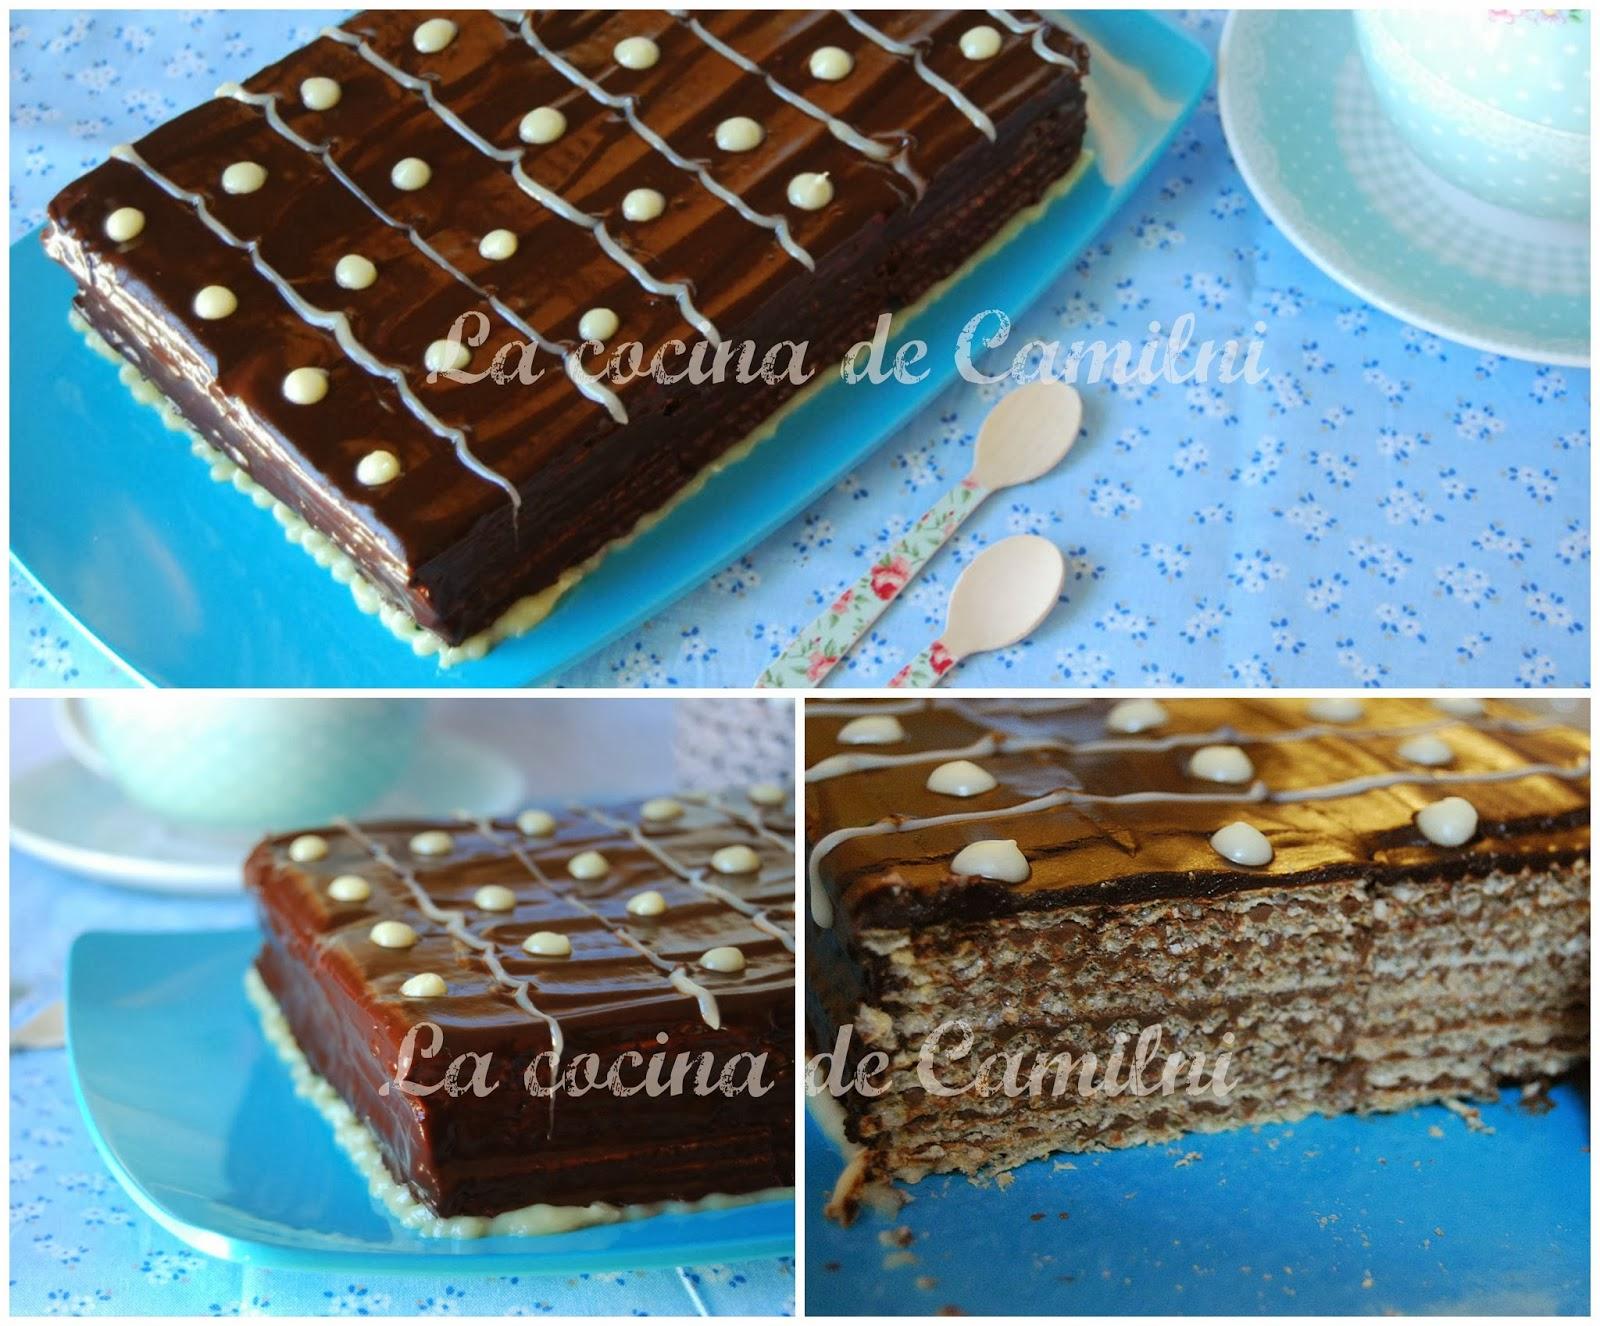 Tarta huesitos (La cocina de Camilni)